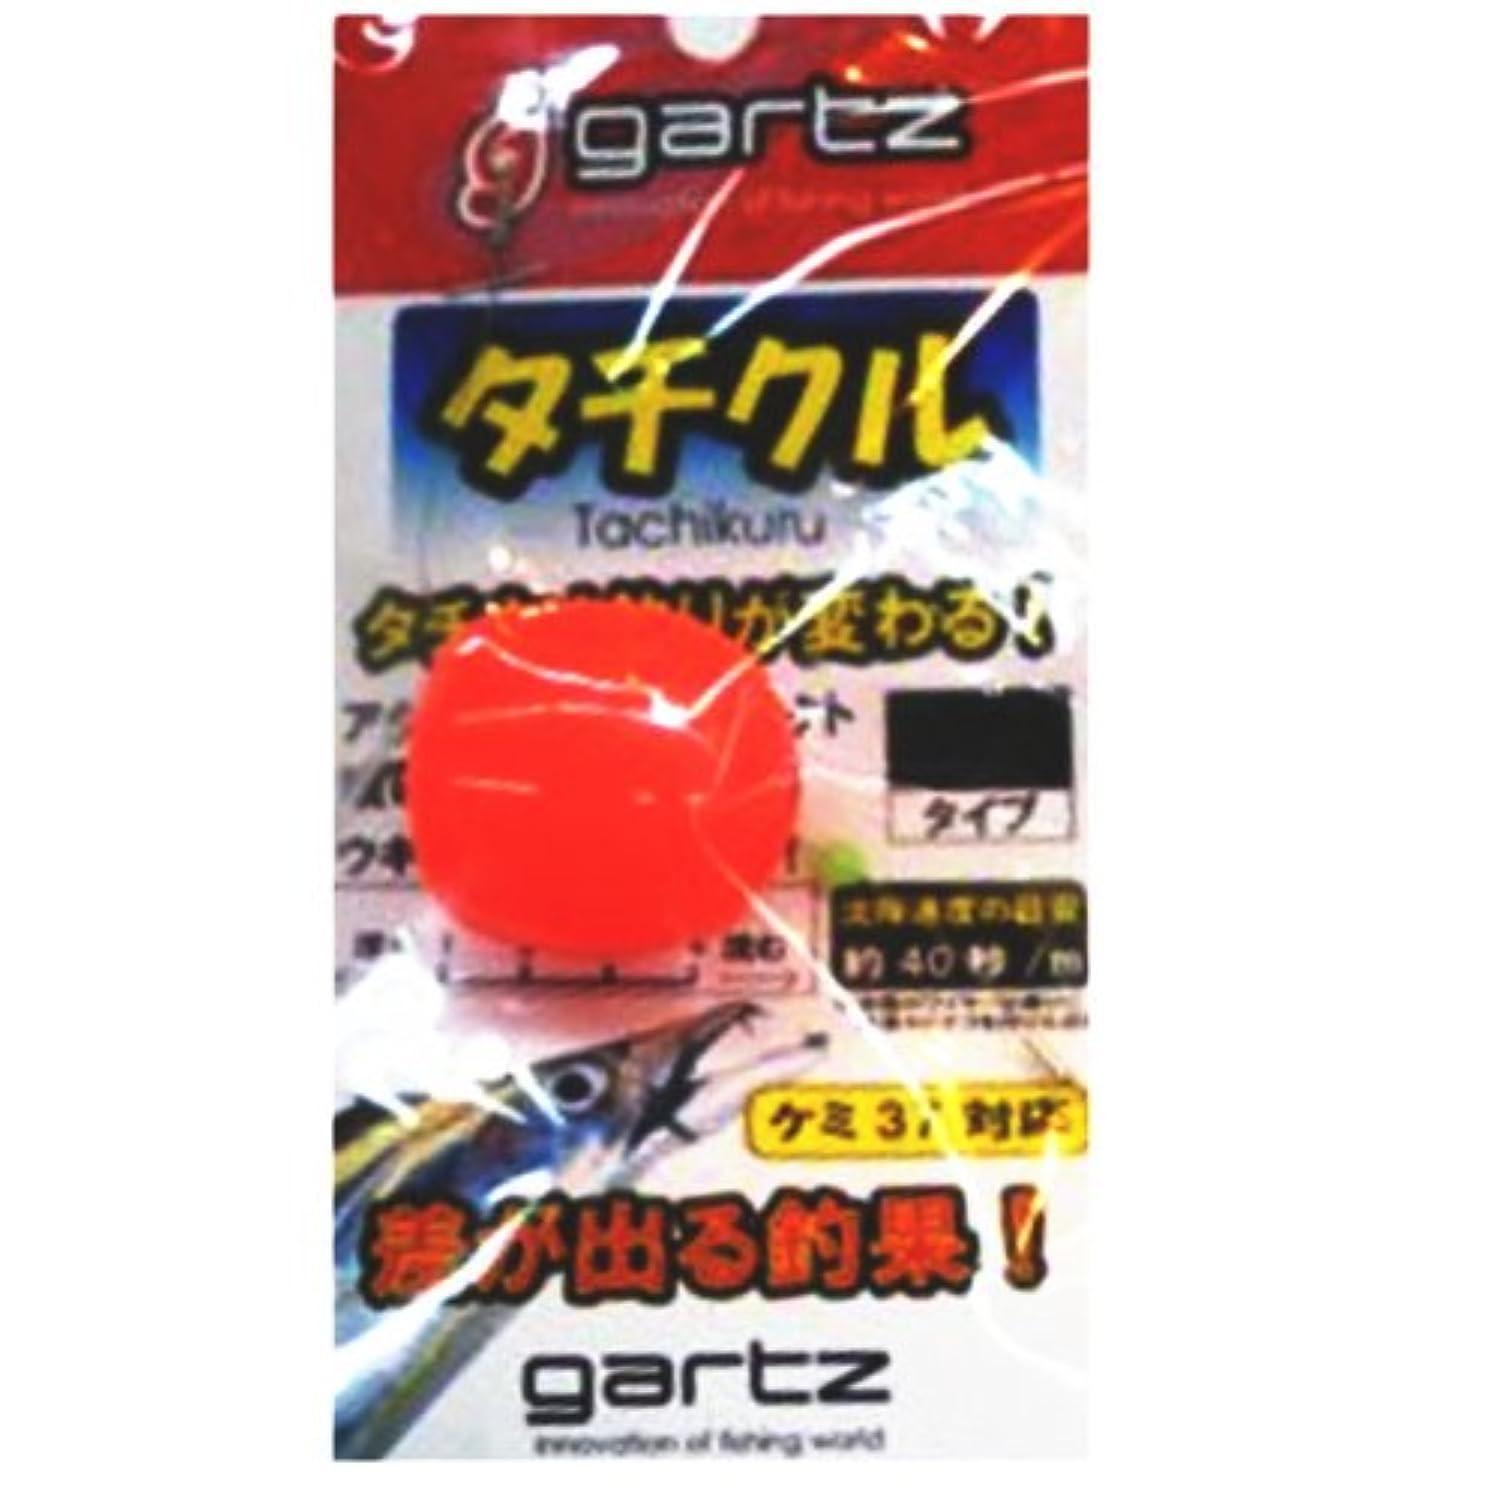 花に水をやる好きである部族ガルツ(gartz) タチクル 3